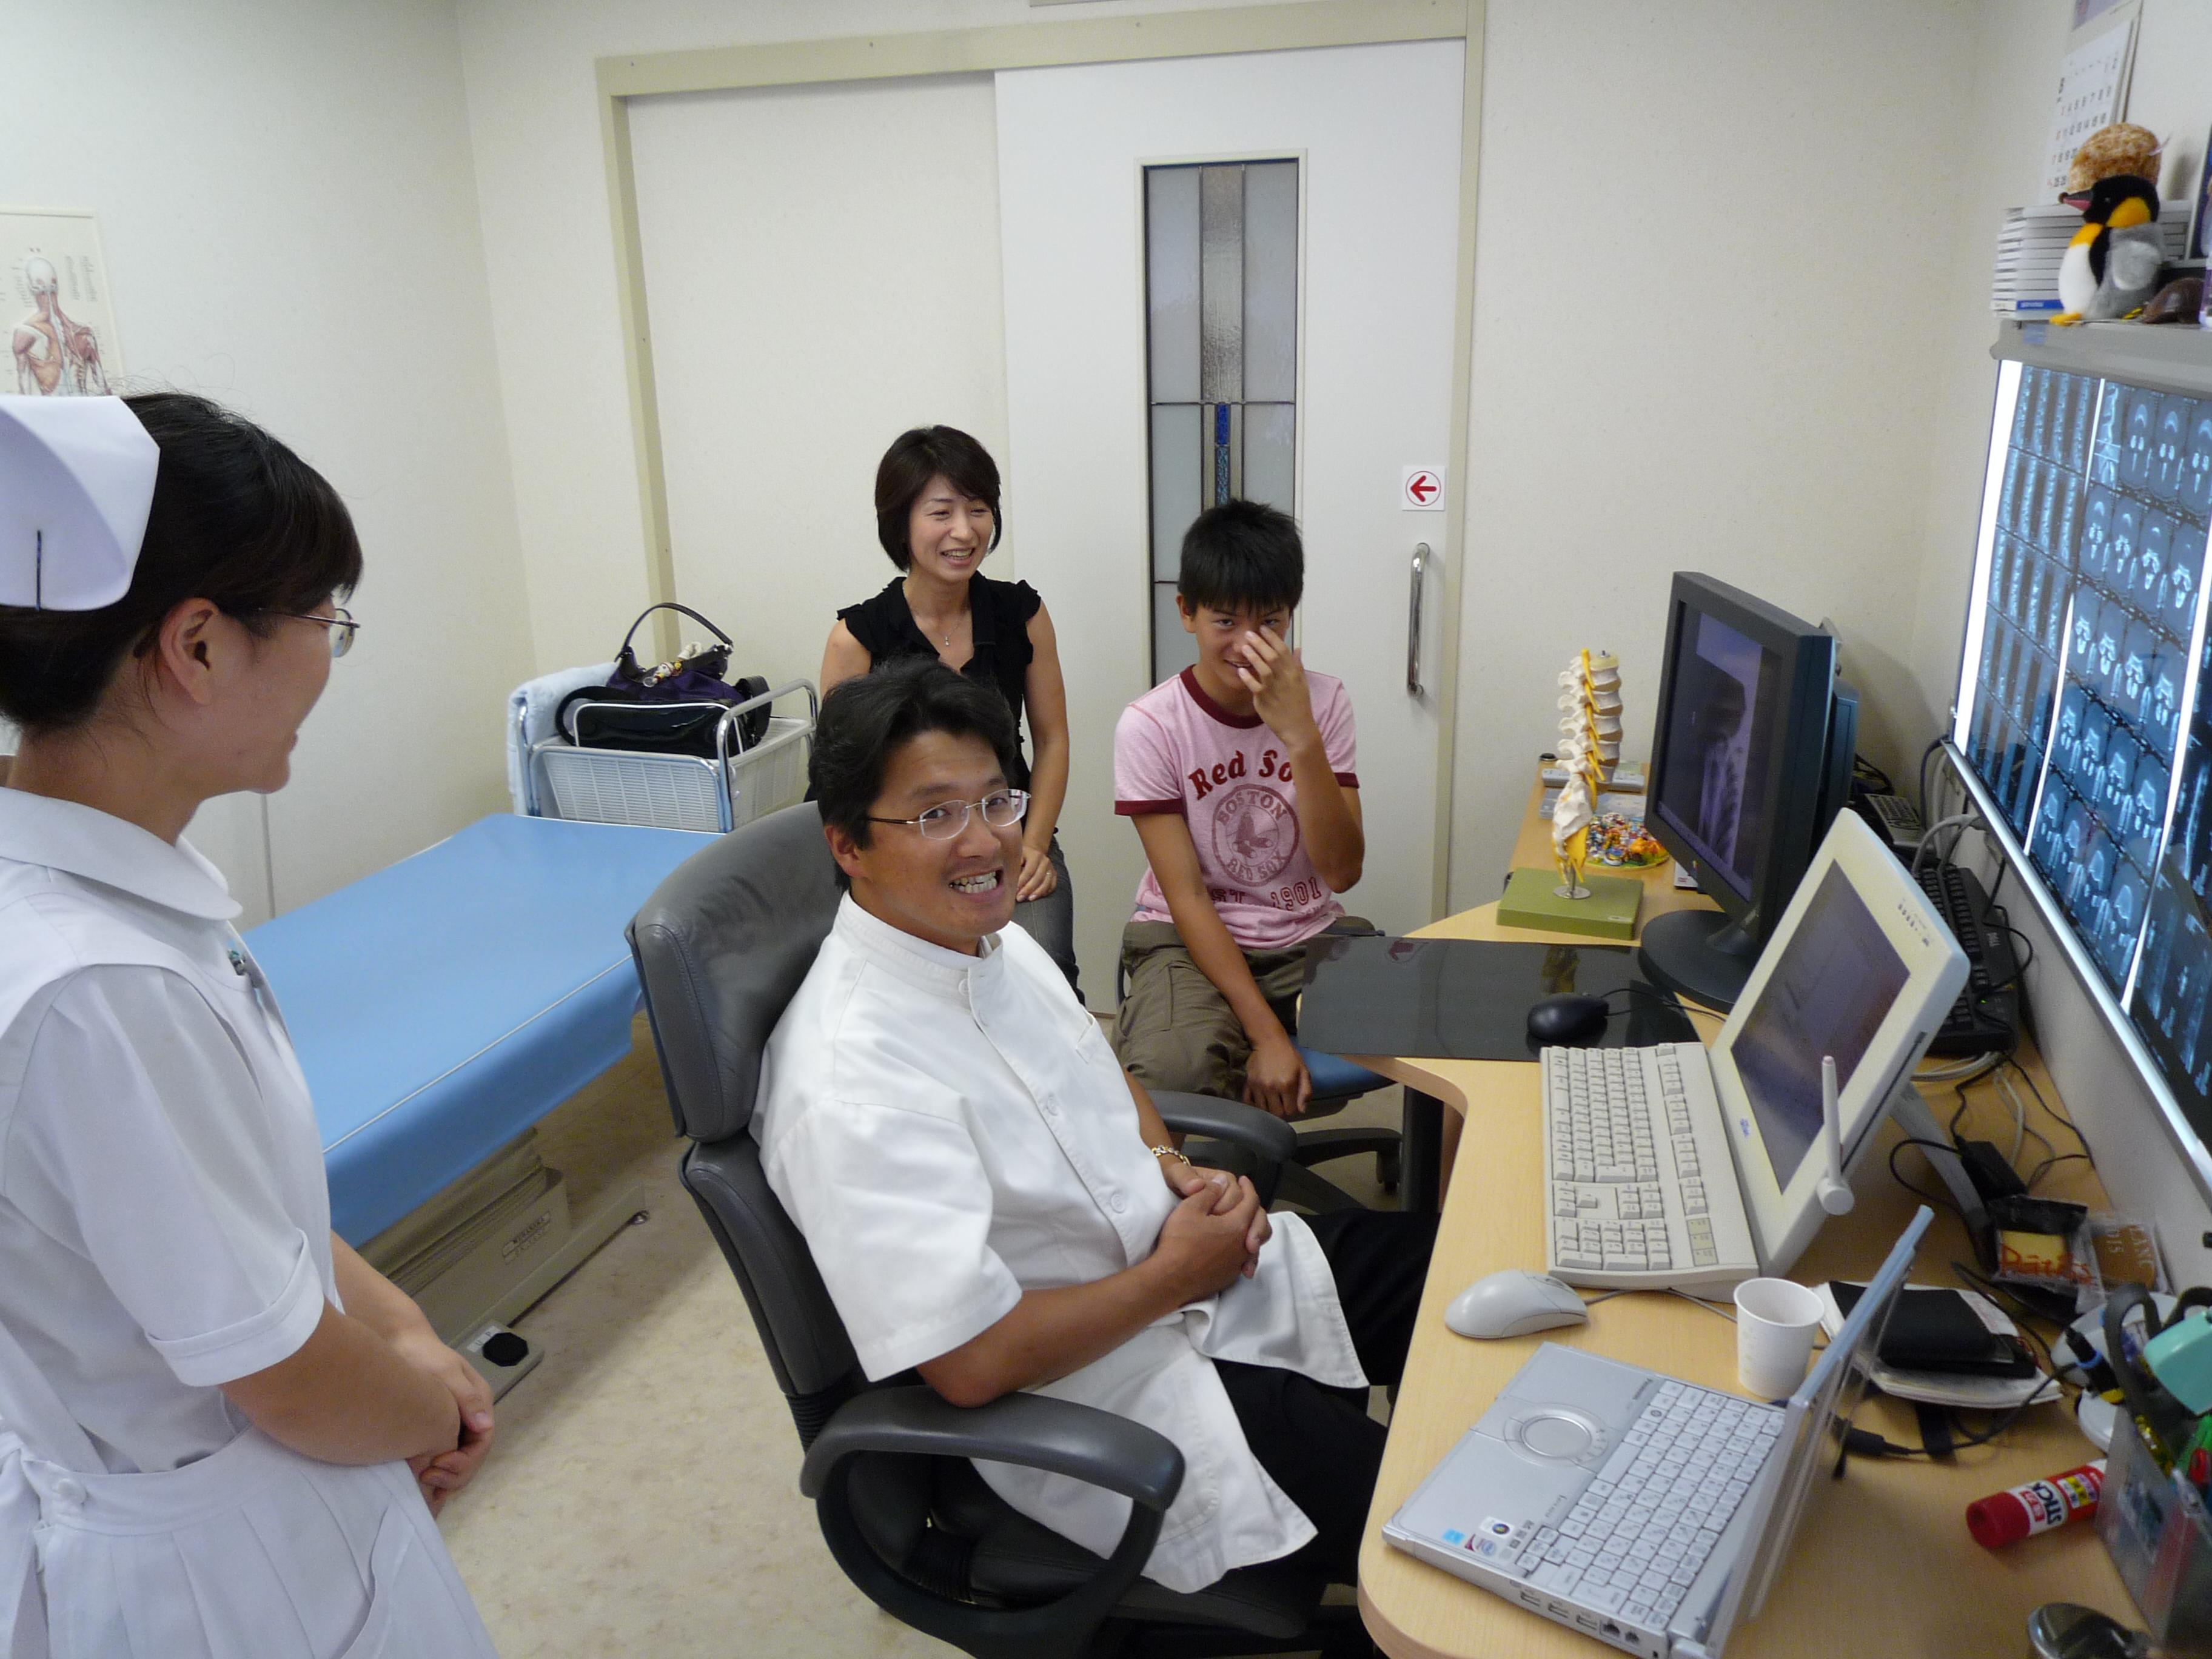 外科 徳島 大学 整形